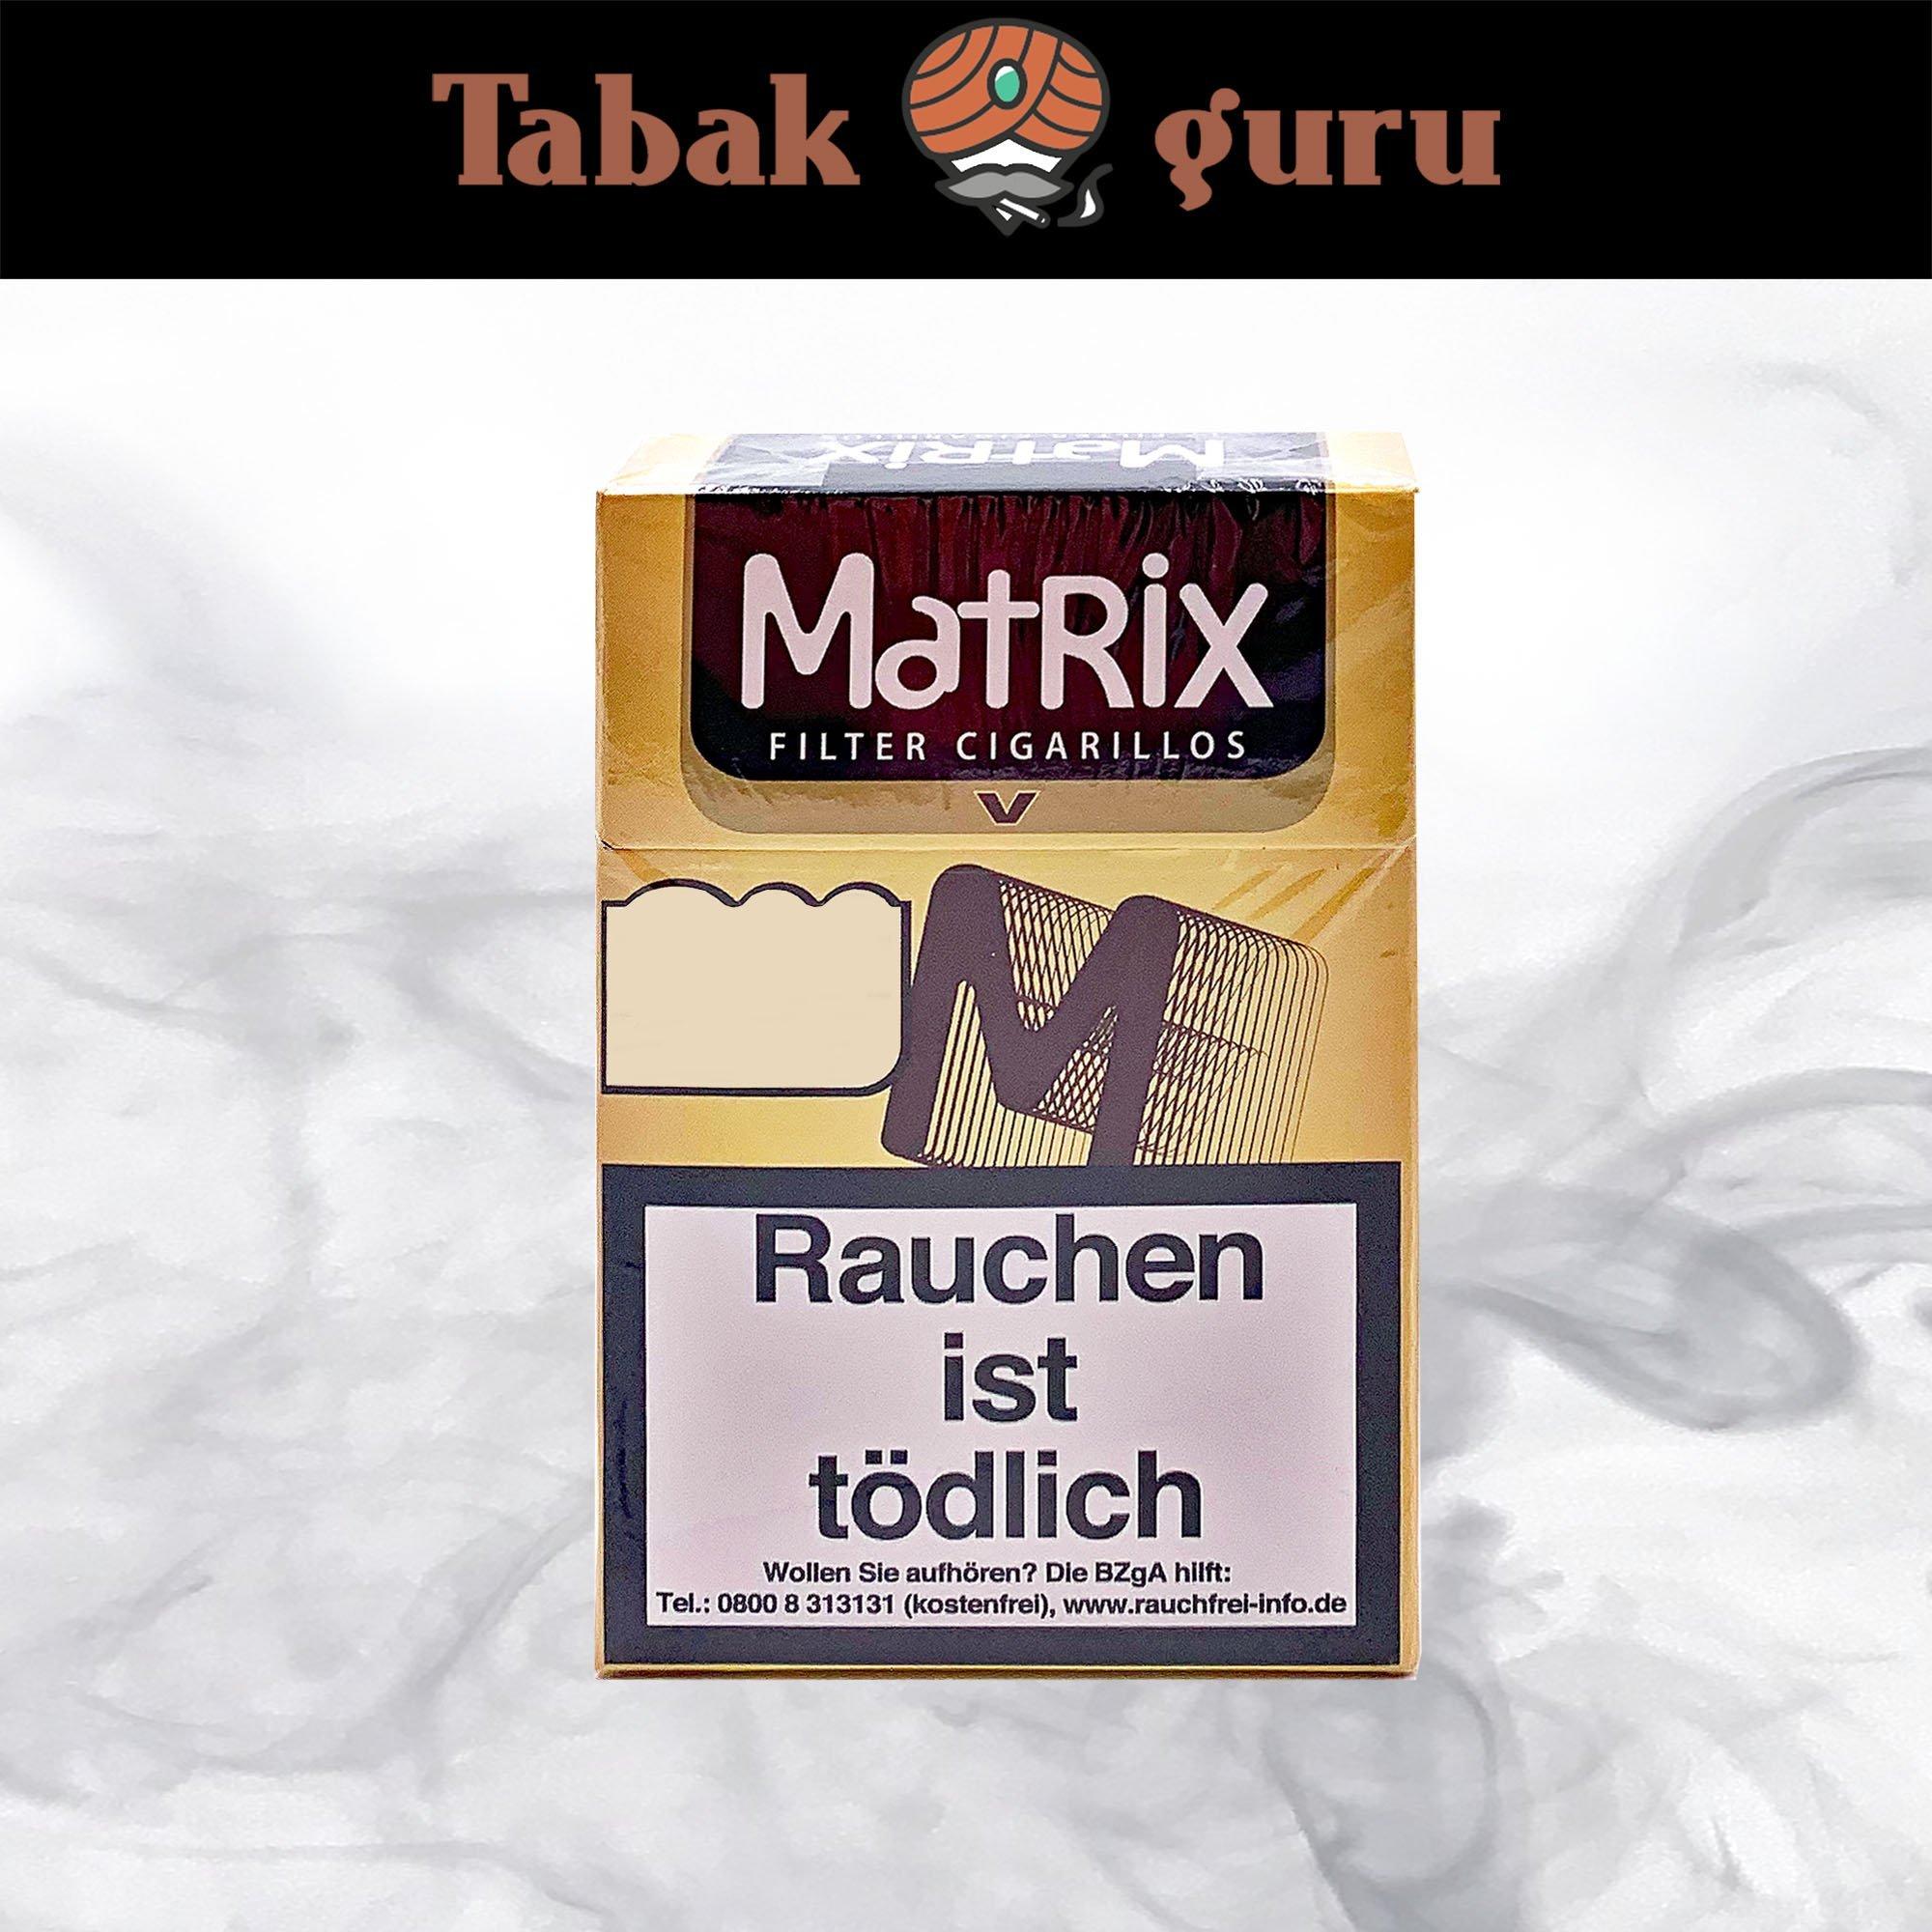 Matrix V (Vanilla) Filterzigarillos Inhalt 17 Stück